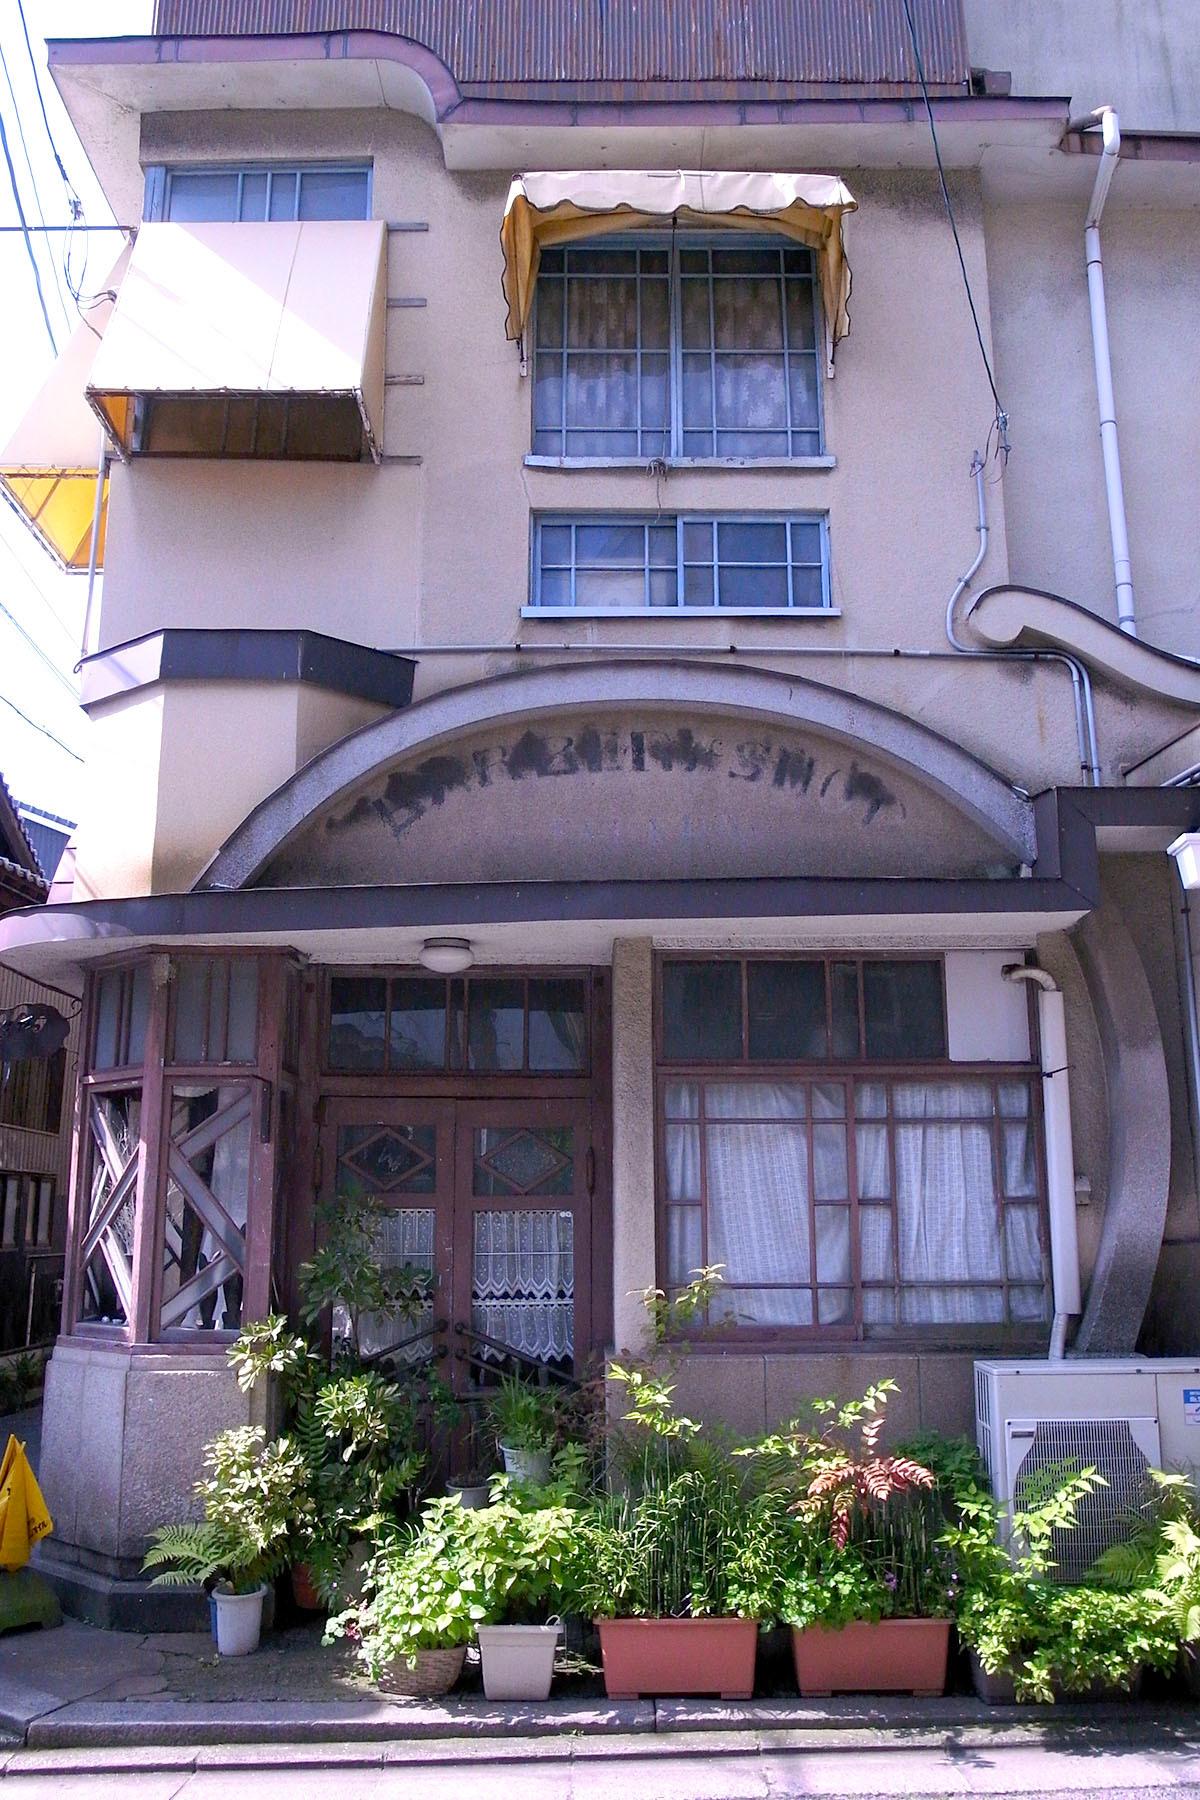 そのカフェは 2012年に閉店していた_a0102098_11085753.jpg